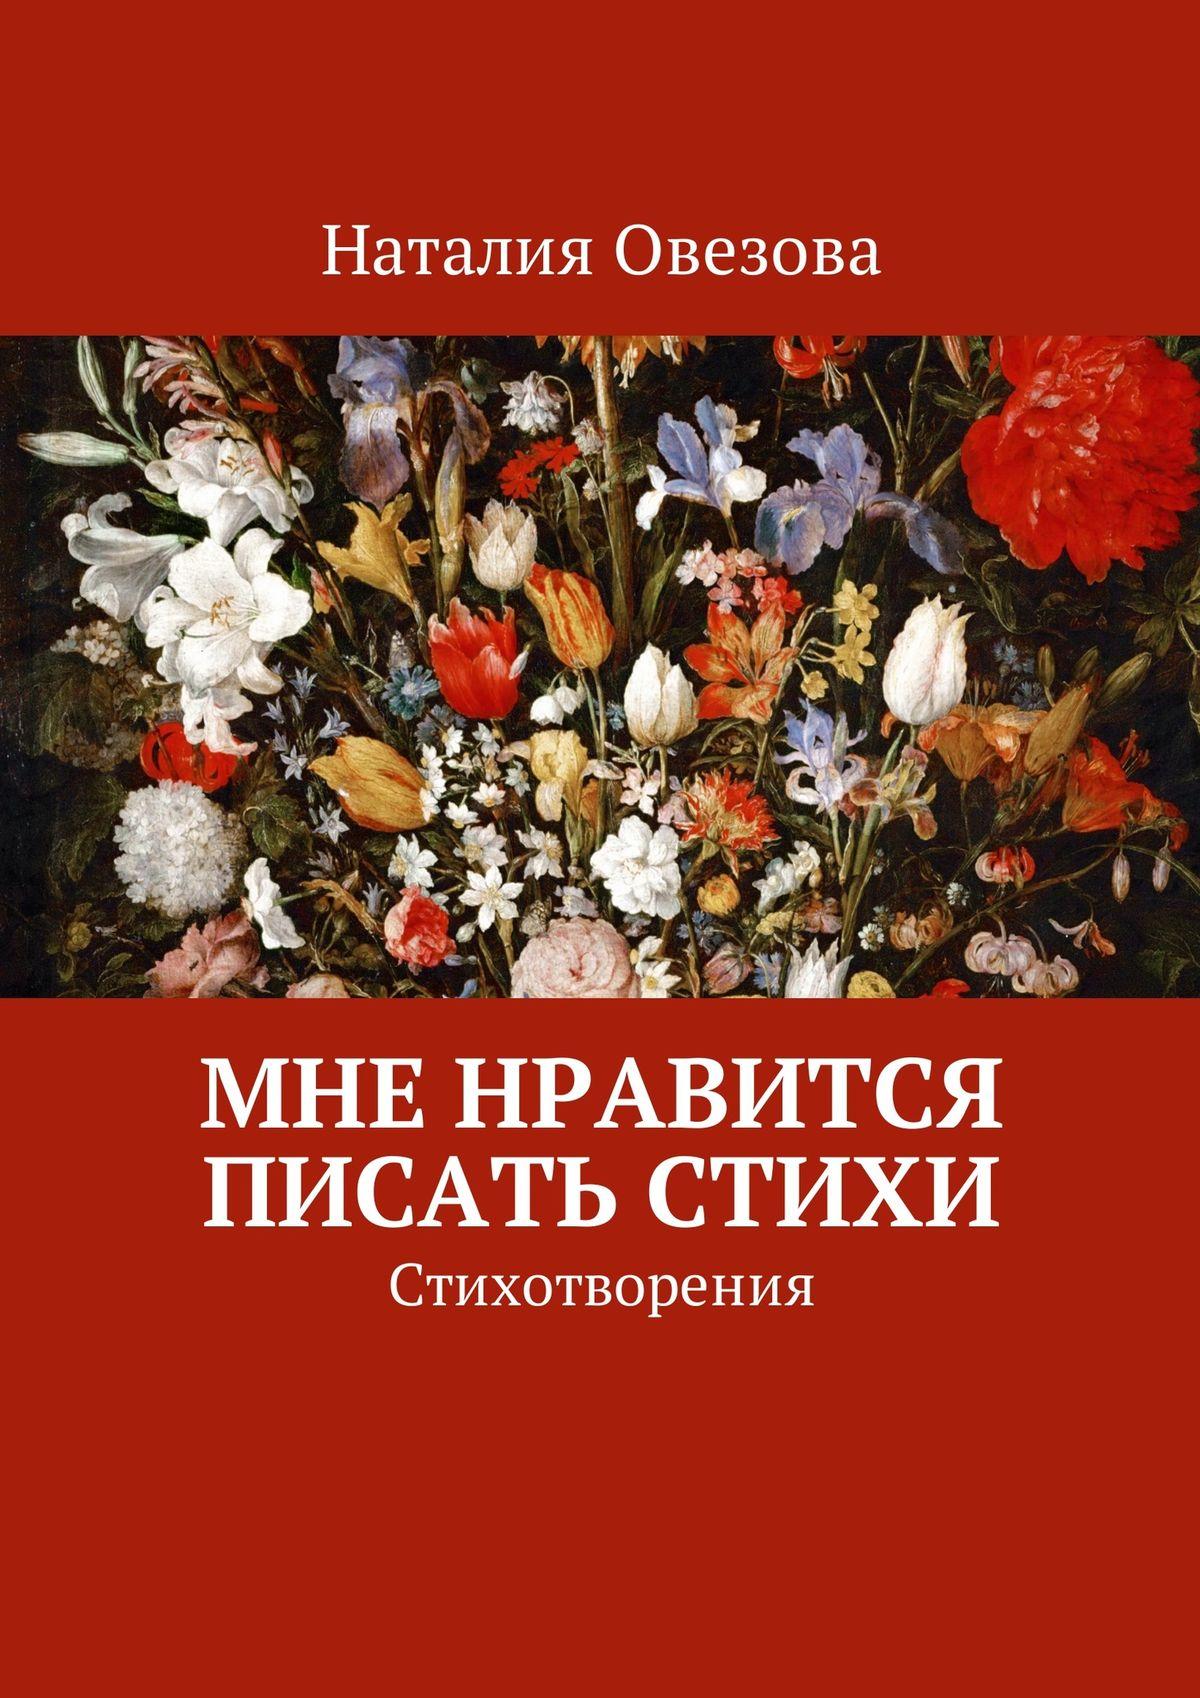 Наталия Александровна Овезова Мне нравится писать стихи. Стихотворения анна александровна бахмат жизнь она у нас такая мои стихи